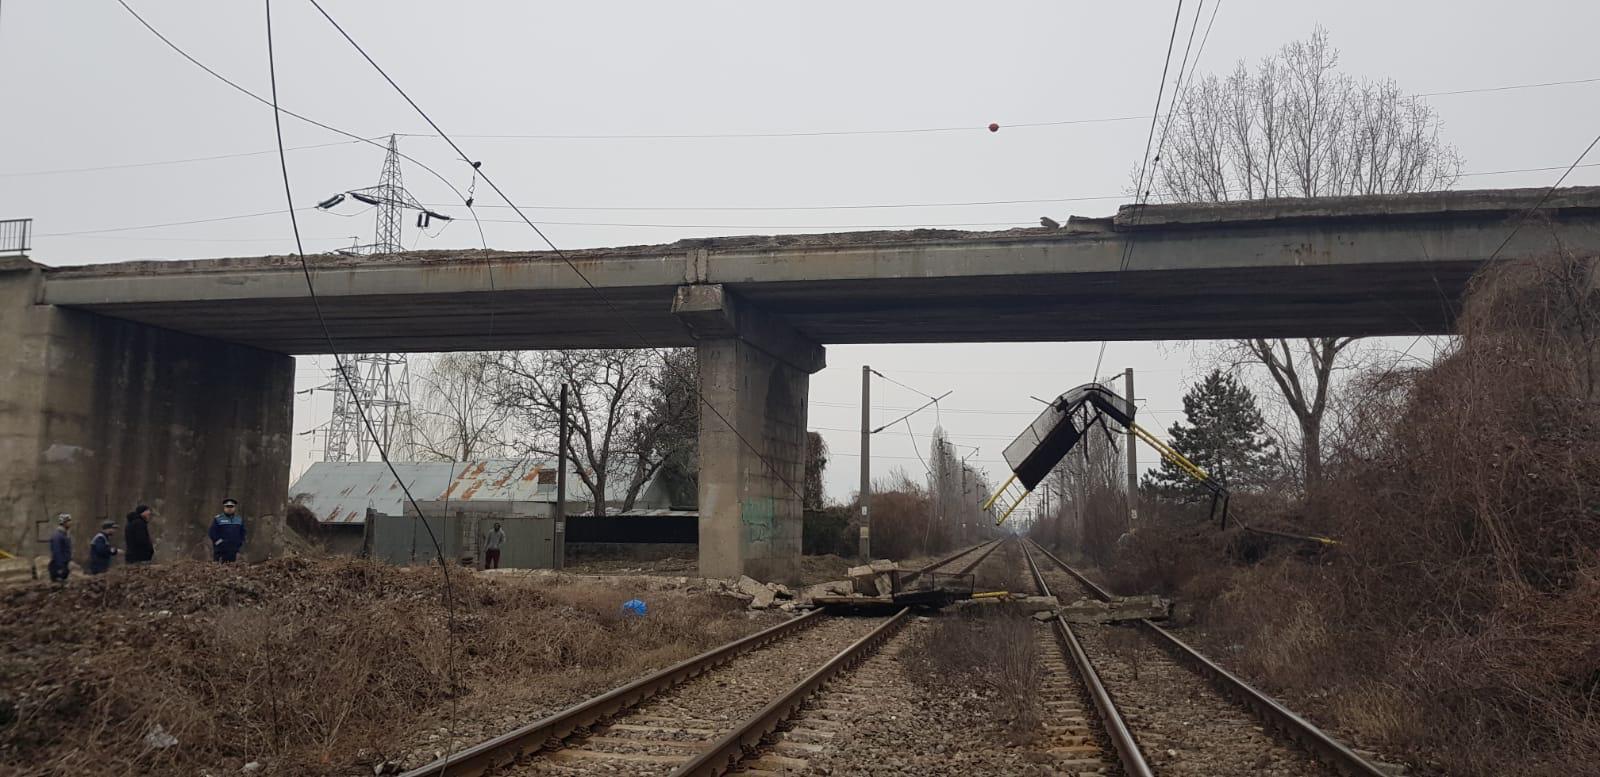 stația de cale ferată forex